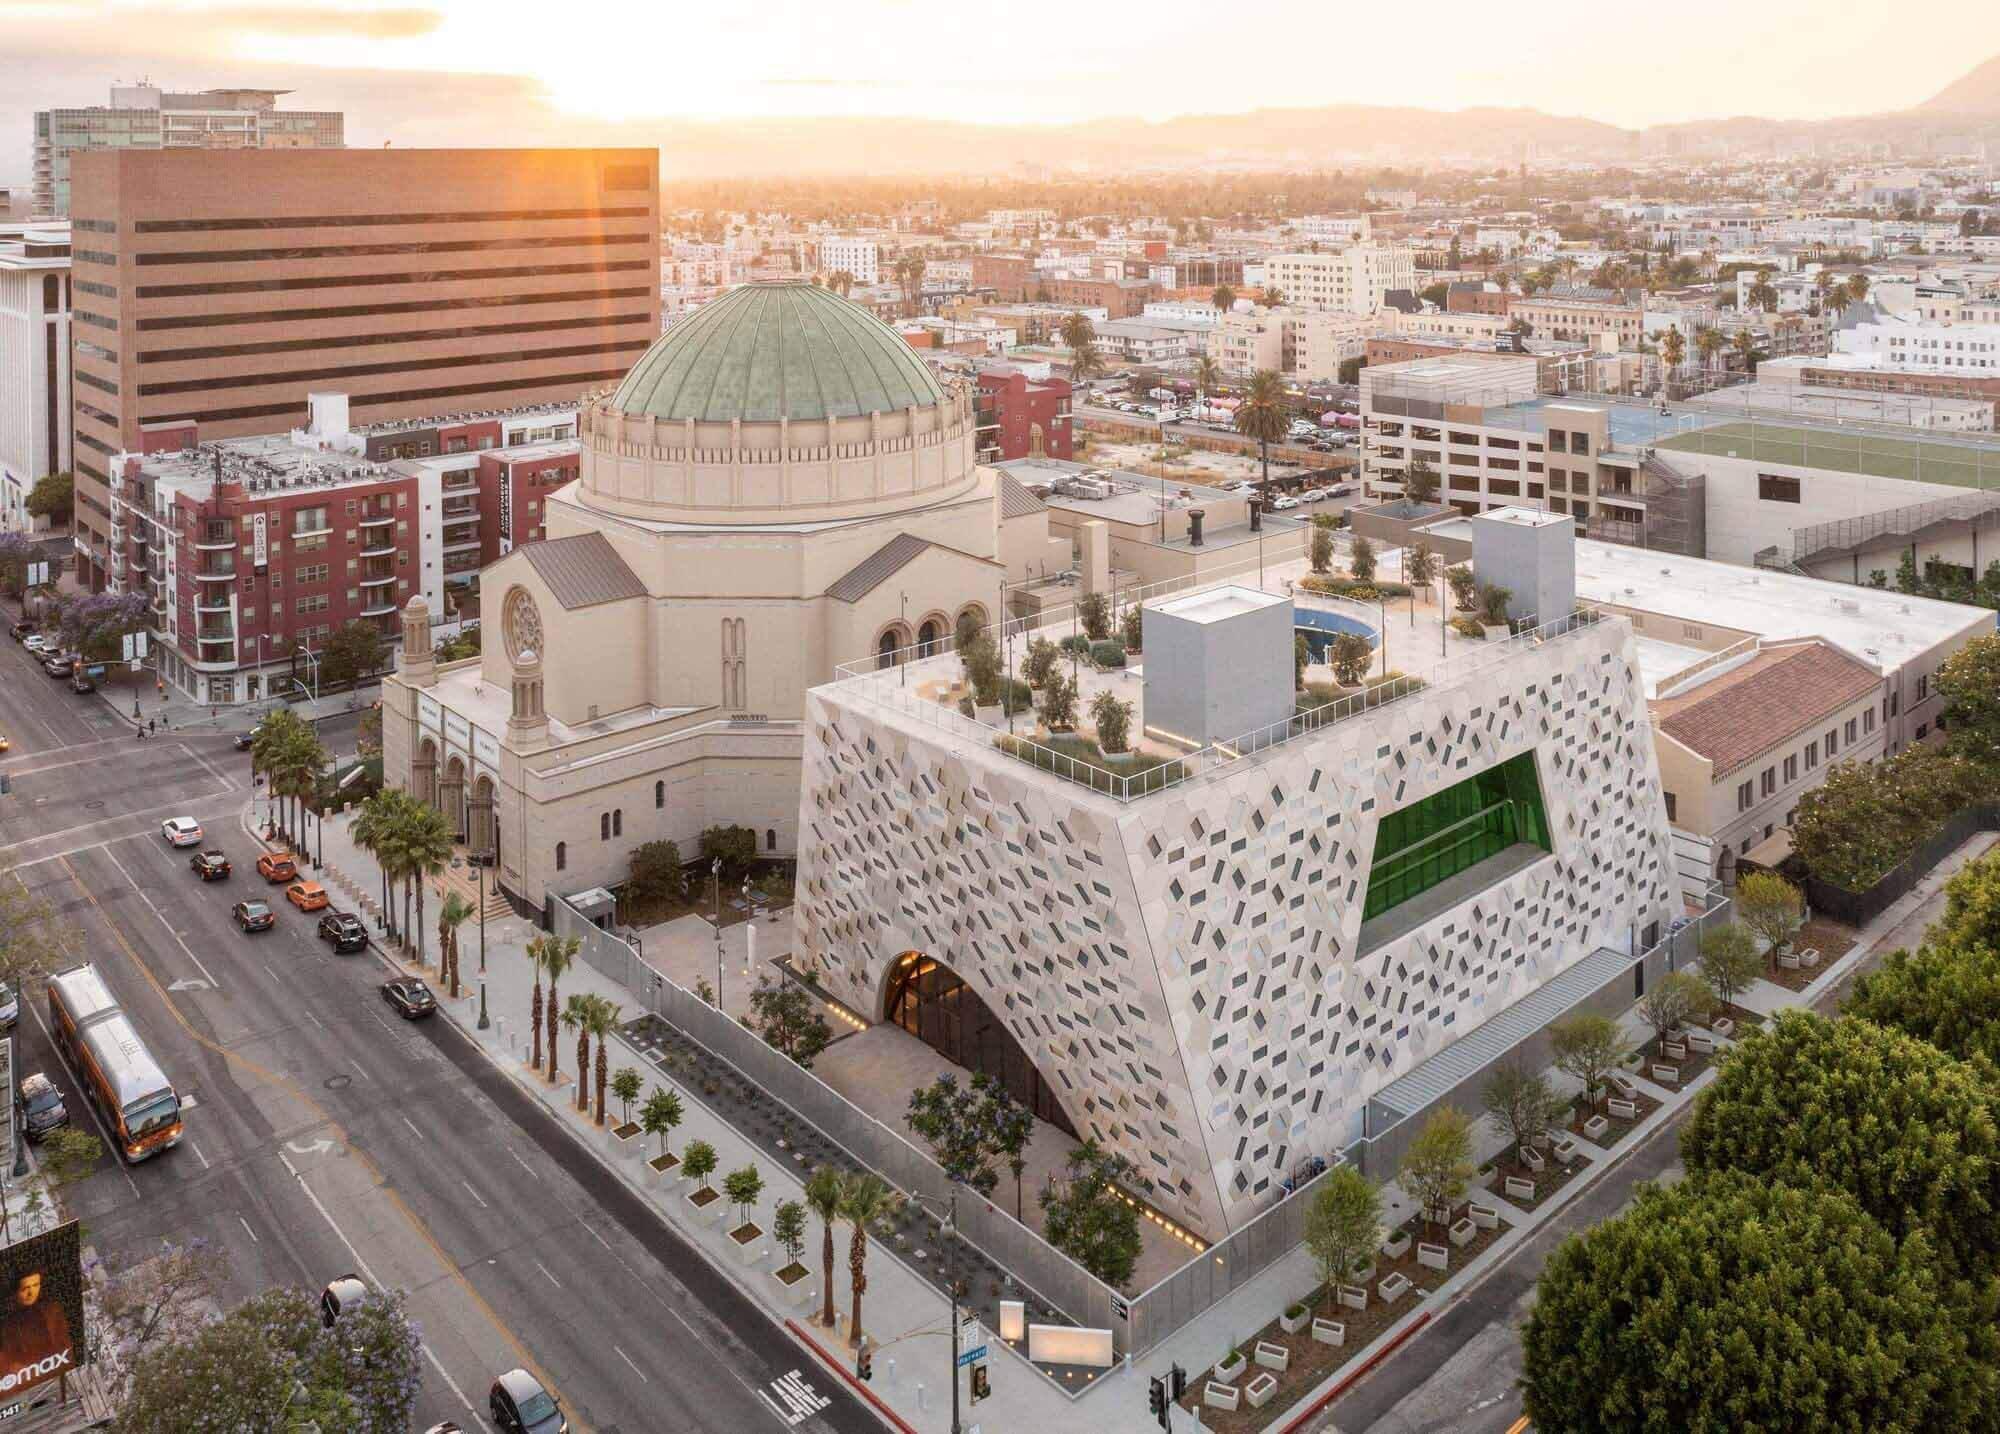 Павильон Одри Ирмас, первое культурное здание OMA Нью-Йорка в Калифорнии, близится к завершению